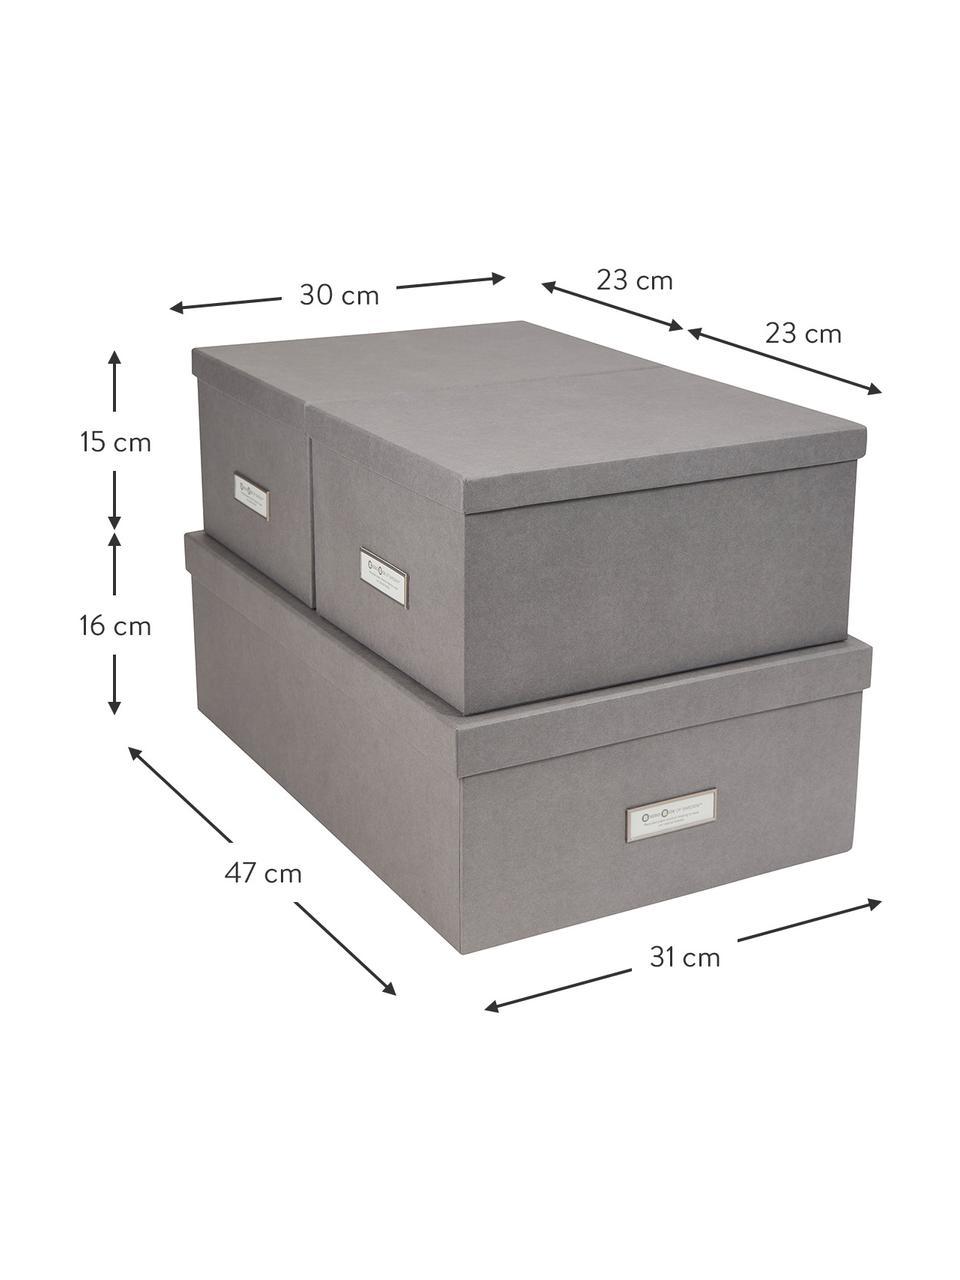 Komplet pudełek do przechowywania Inge, 3 elem., Na zewnątrz: jasny szary Wewnątrz: biały, Komplet z różnymi rozmiarami